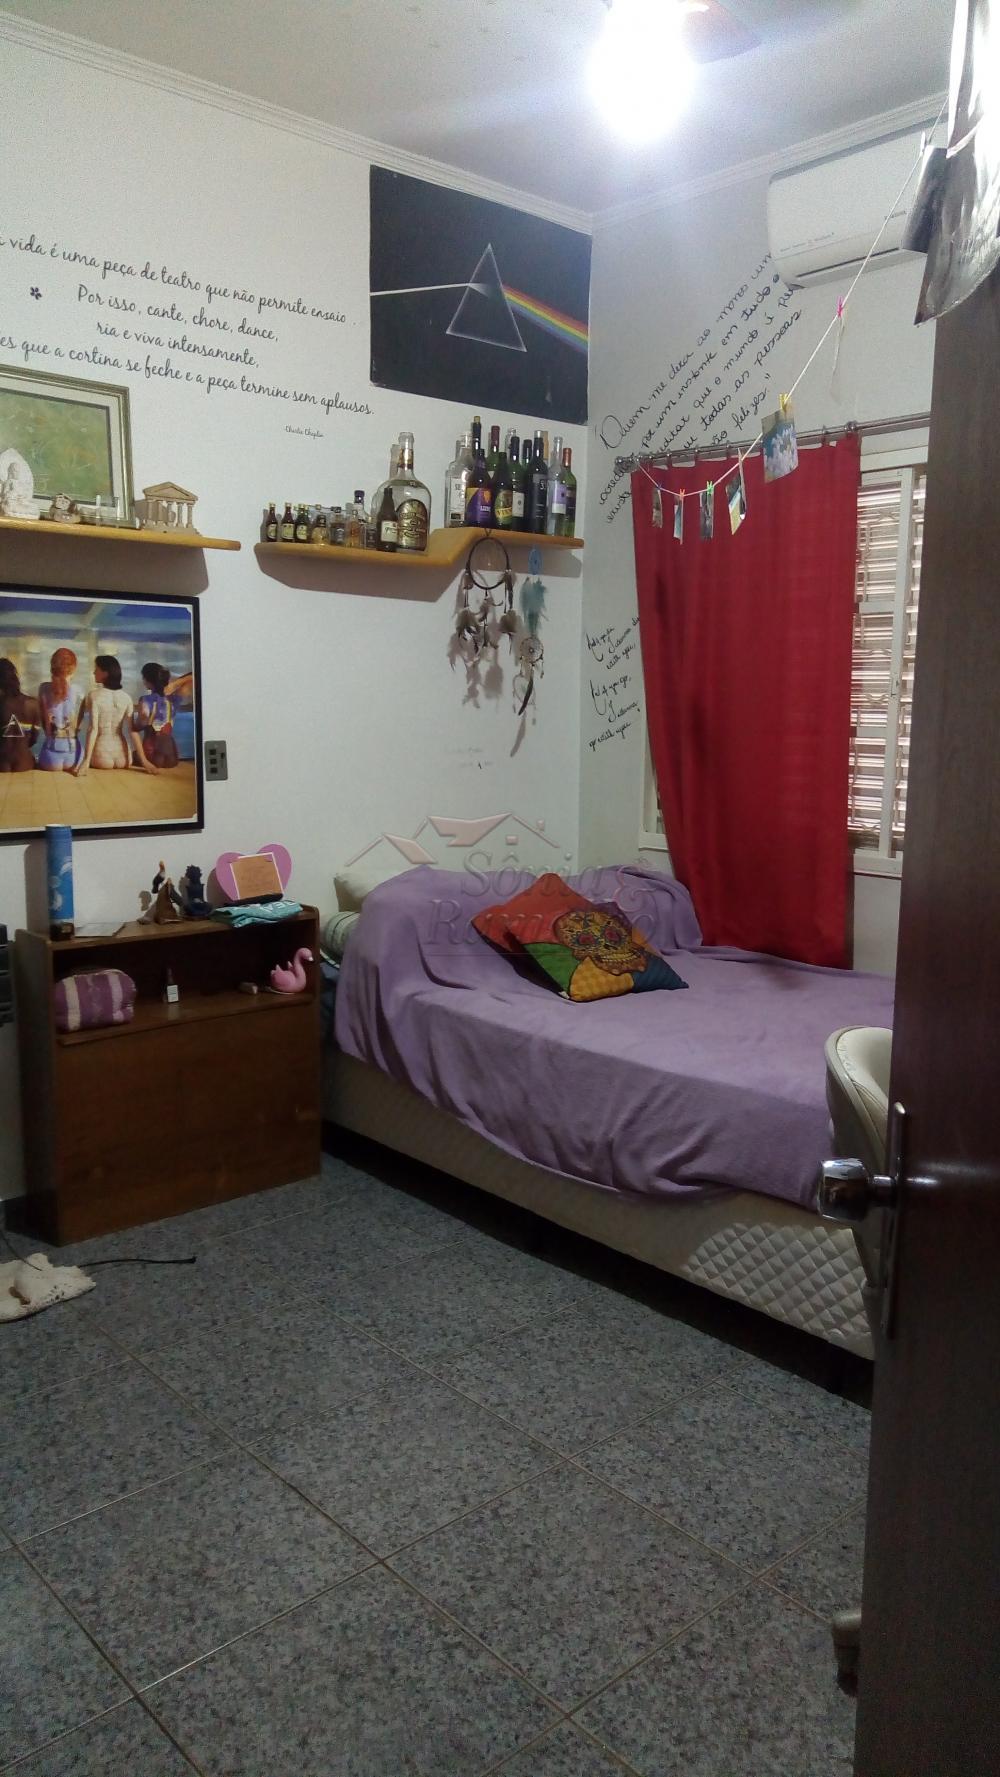 Alugar Casas / Comercial em Ribeirão Preto apenas R$ 3.500,00 - Foto 12